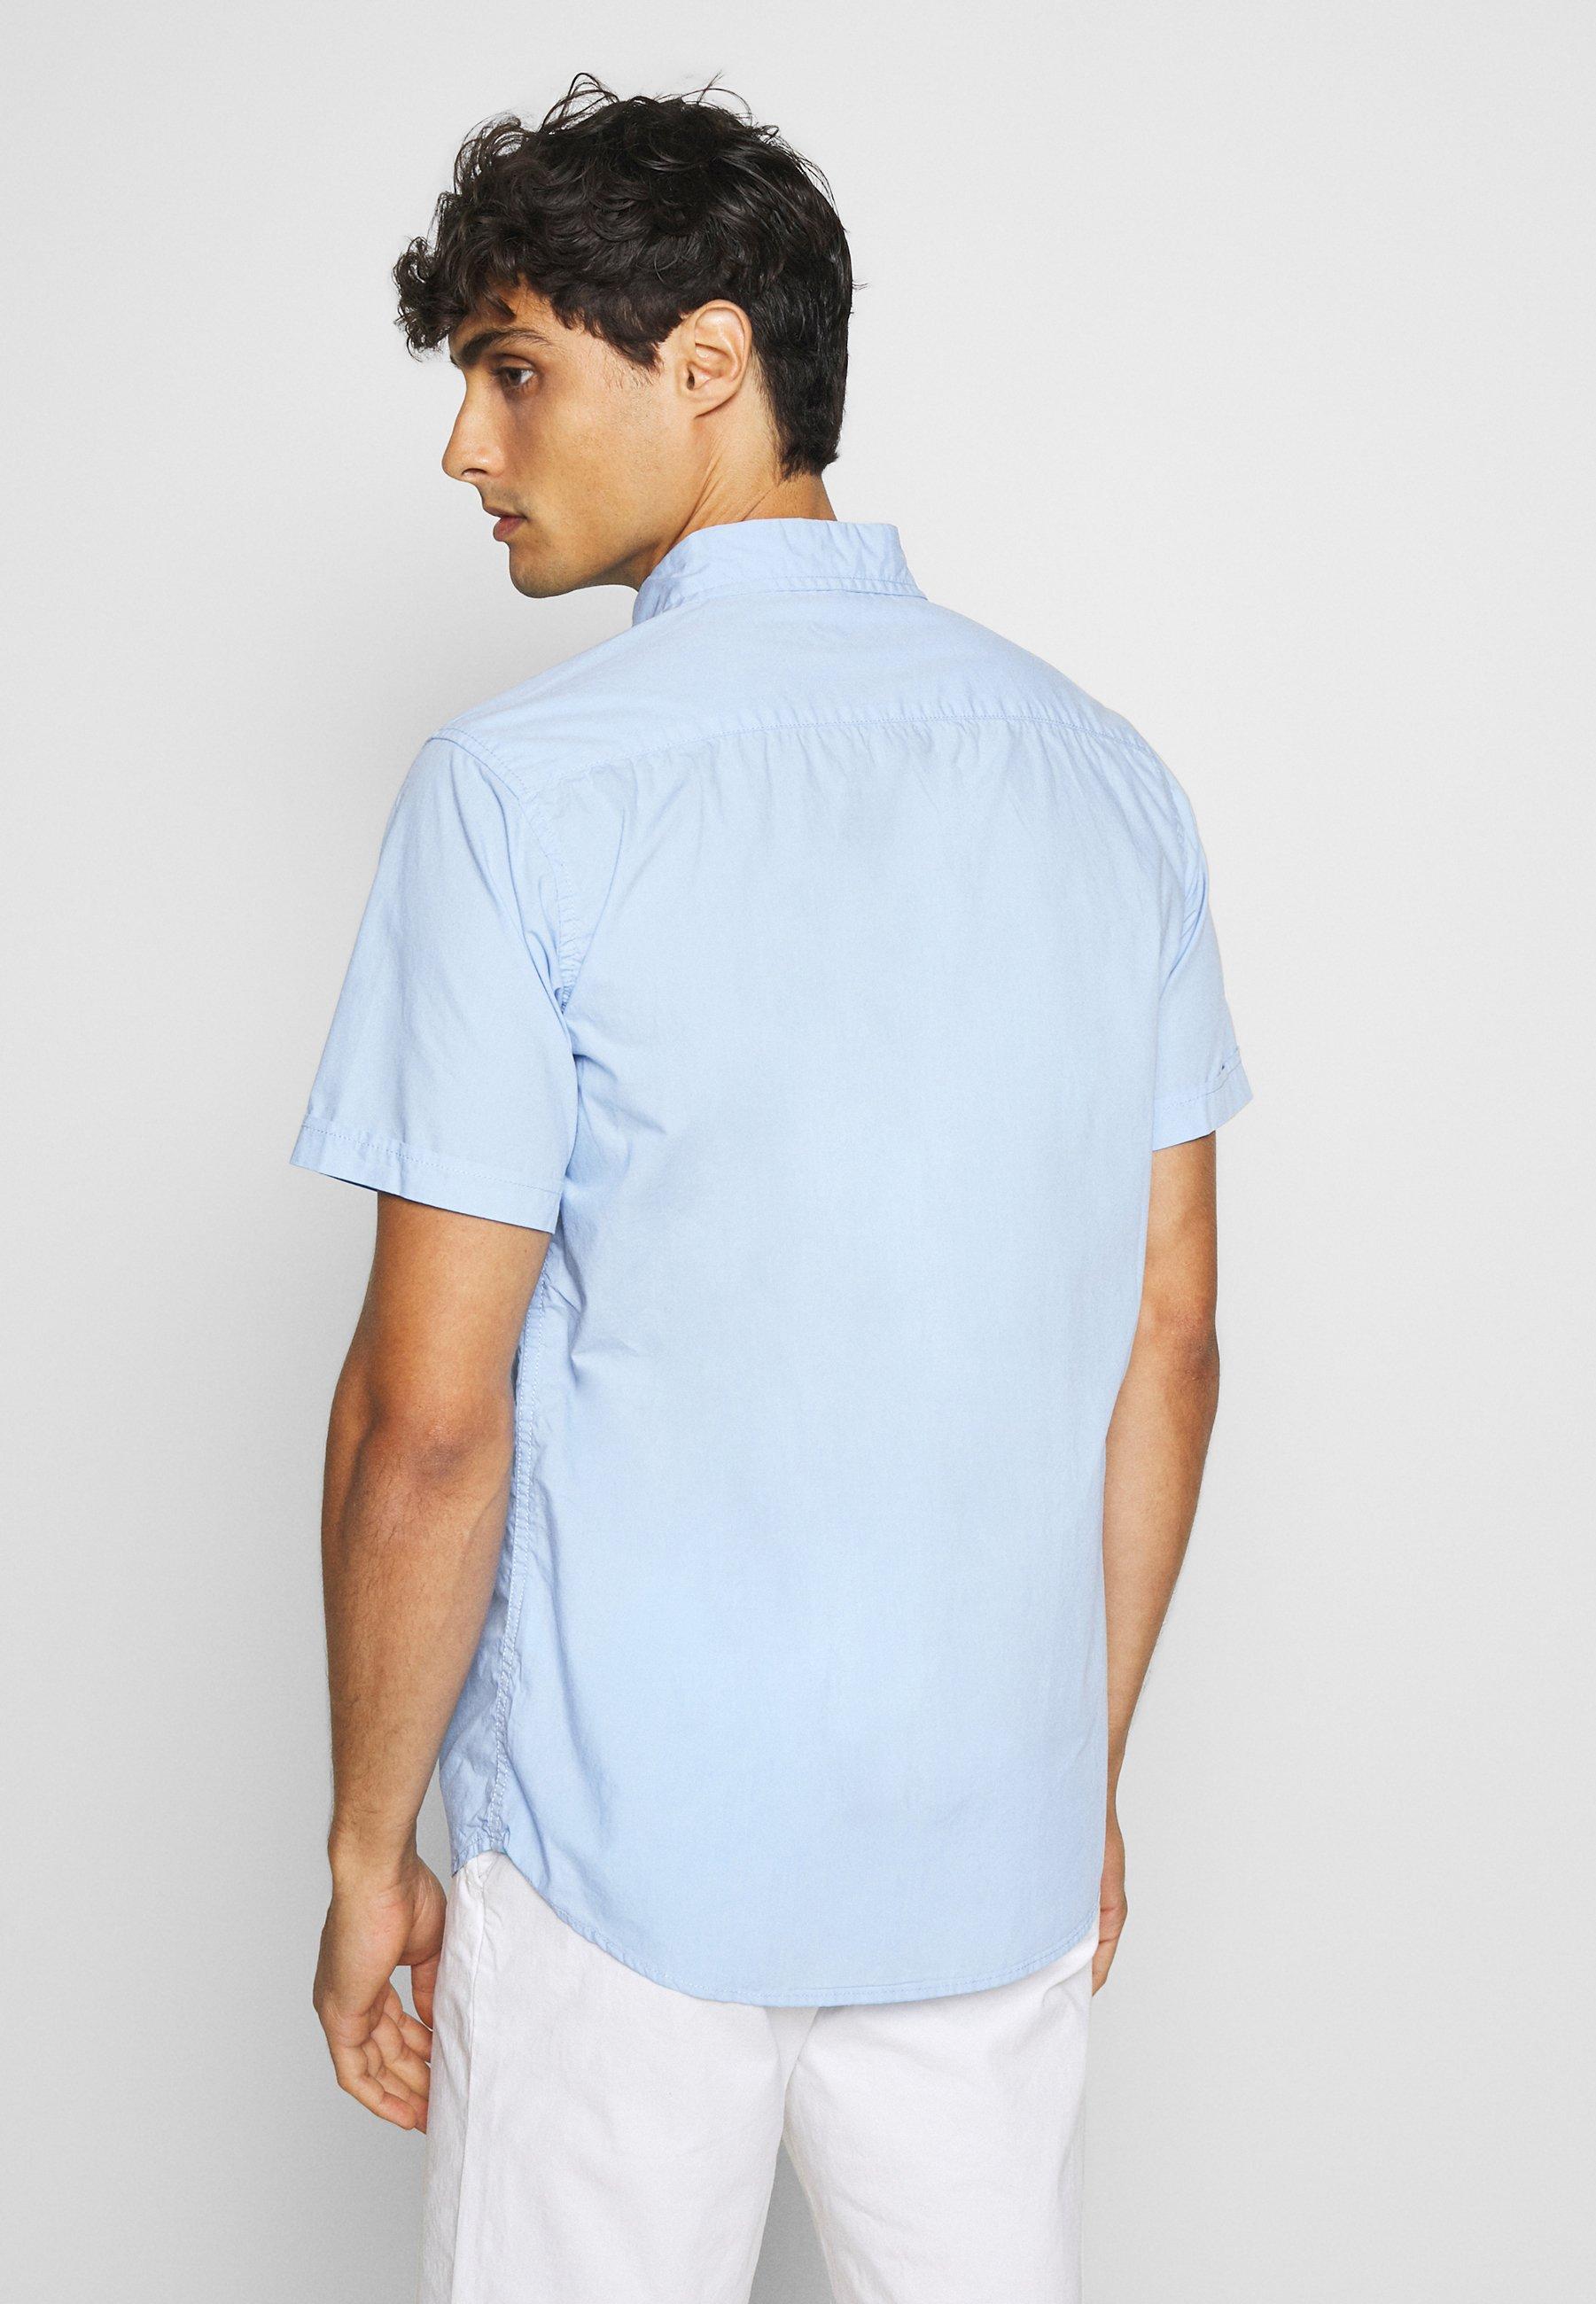 Schott Camicia - sky blue - Abbigliamento da uomo Cercando